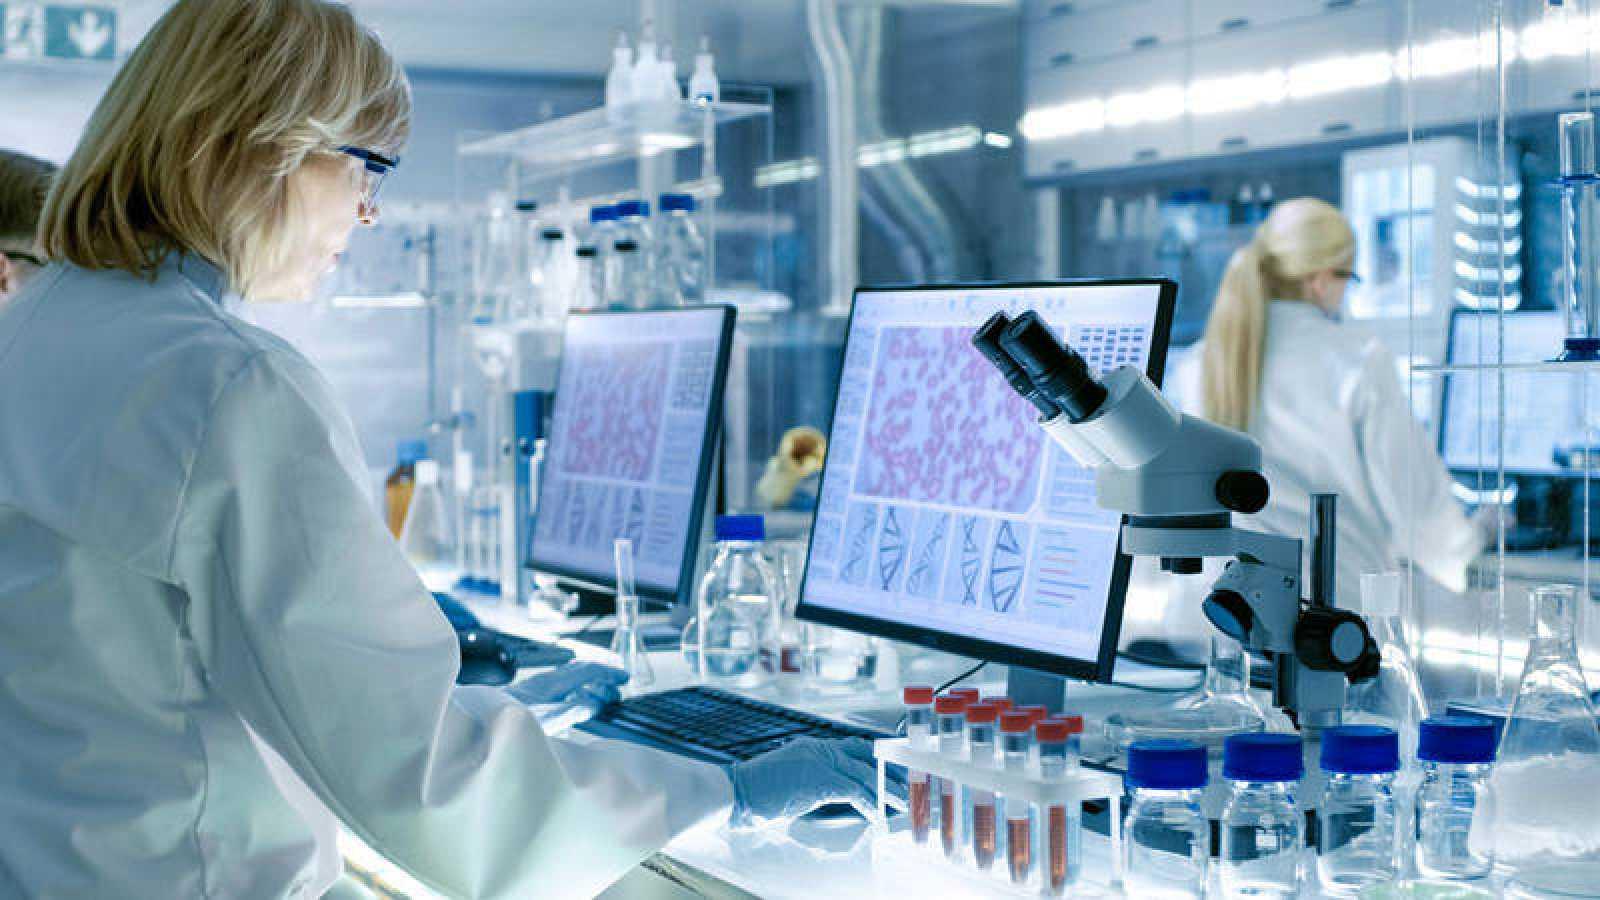 Un estudio contra el cáncer reclama mayor inversión, así como un mayor gasto público en ensayos clínicos.